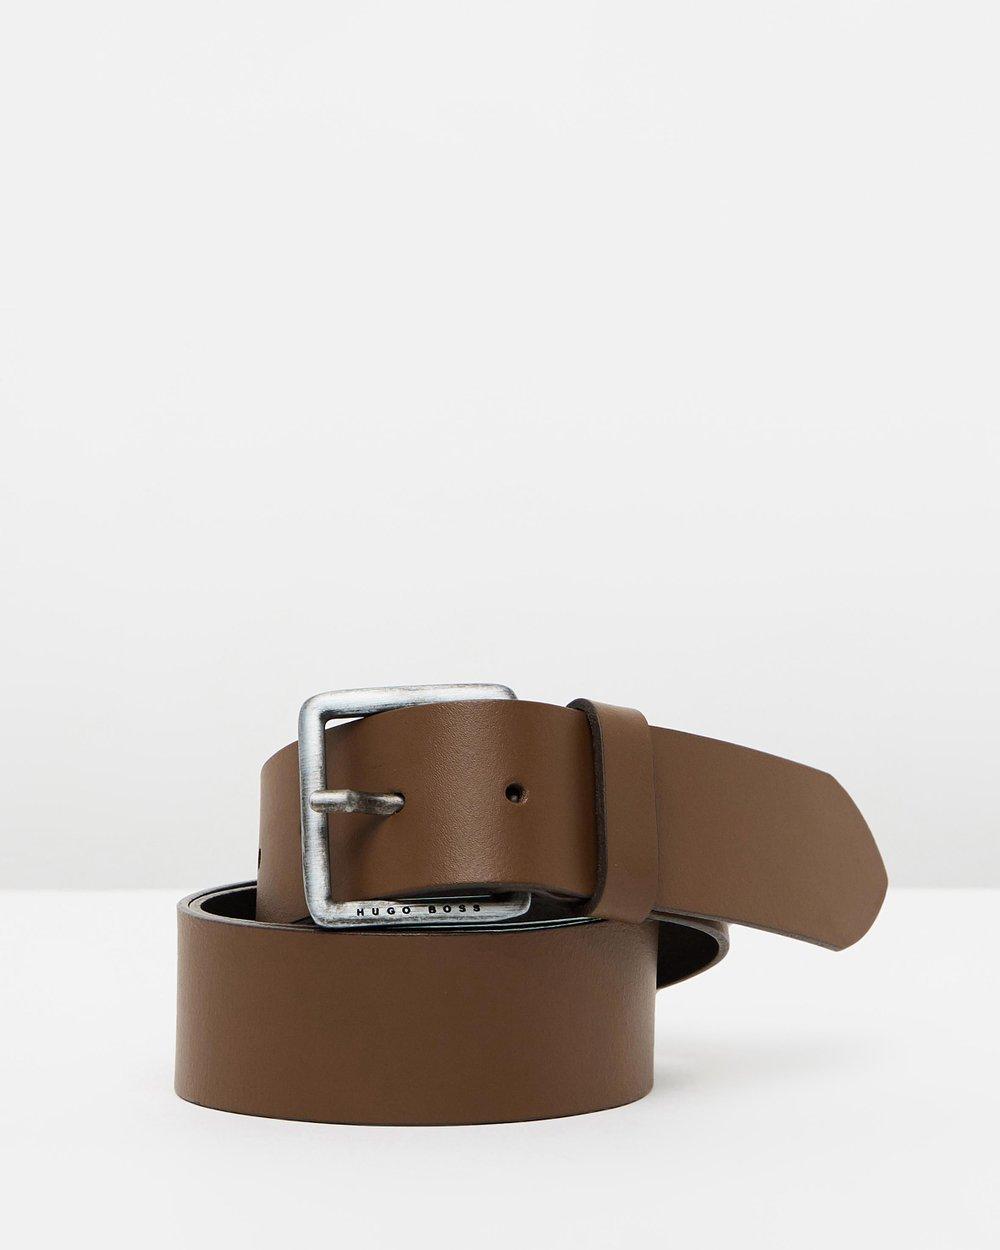 84d5cf034239 Jeeko Leather Belt by BOSS Online | THE ICONIC | Australia